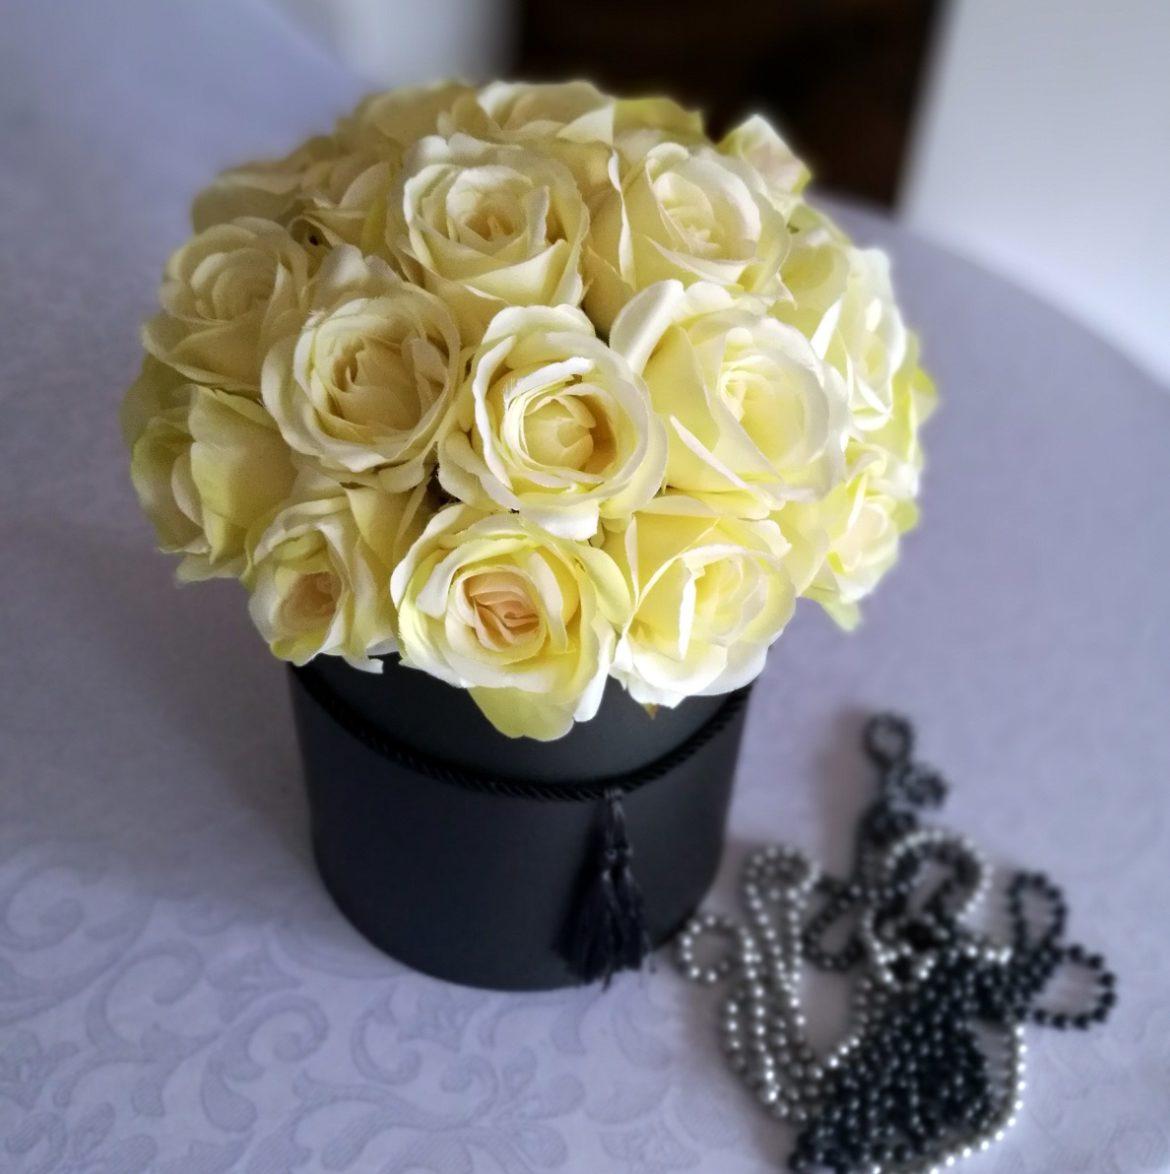 Flower box kremowe róże nr. 123